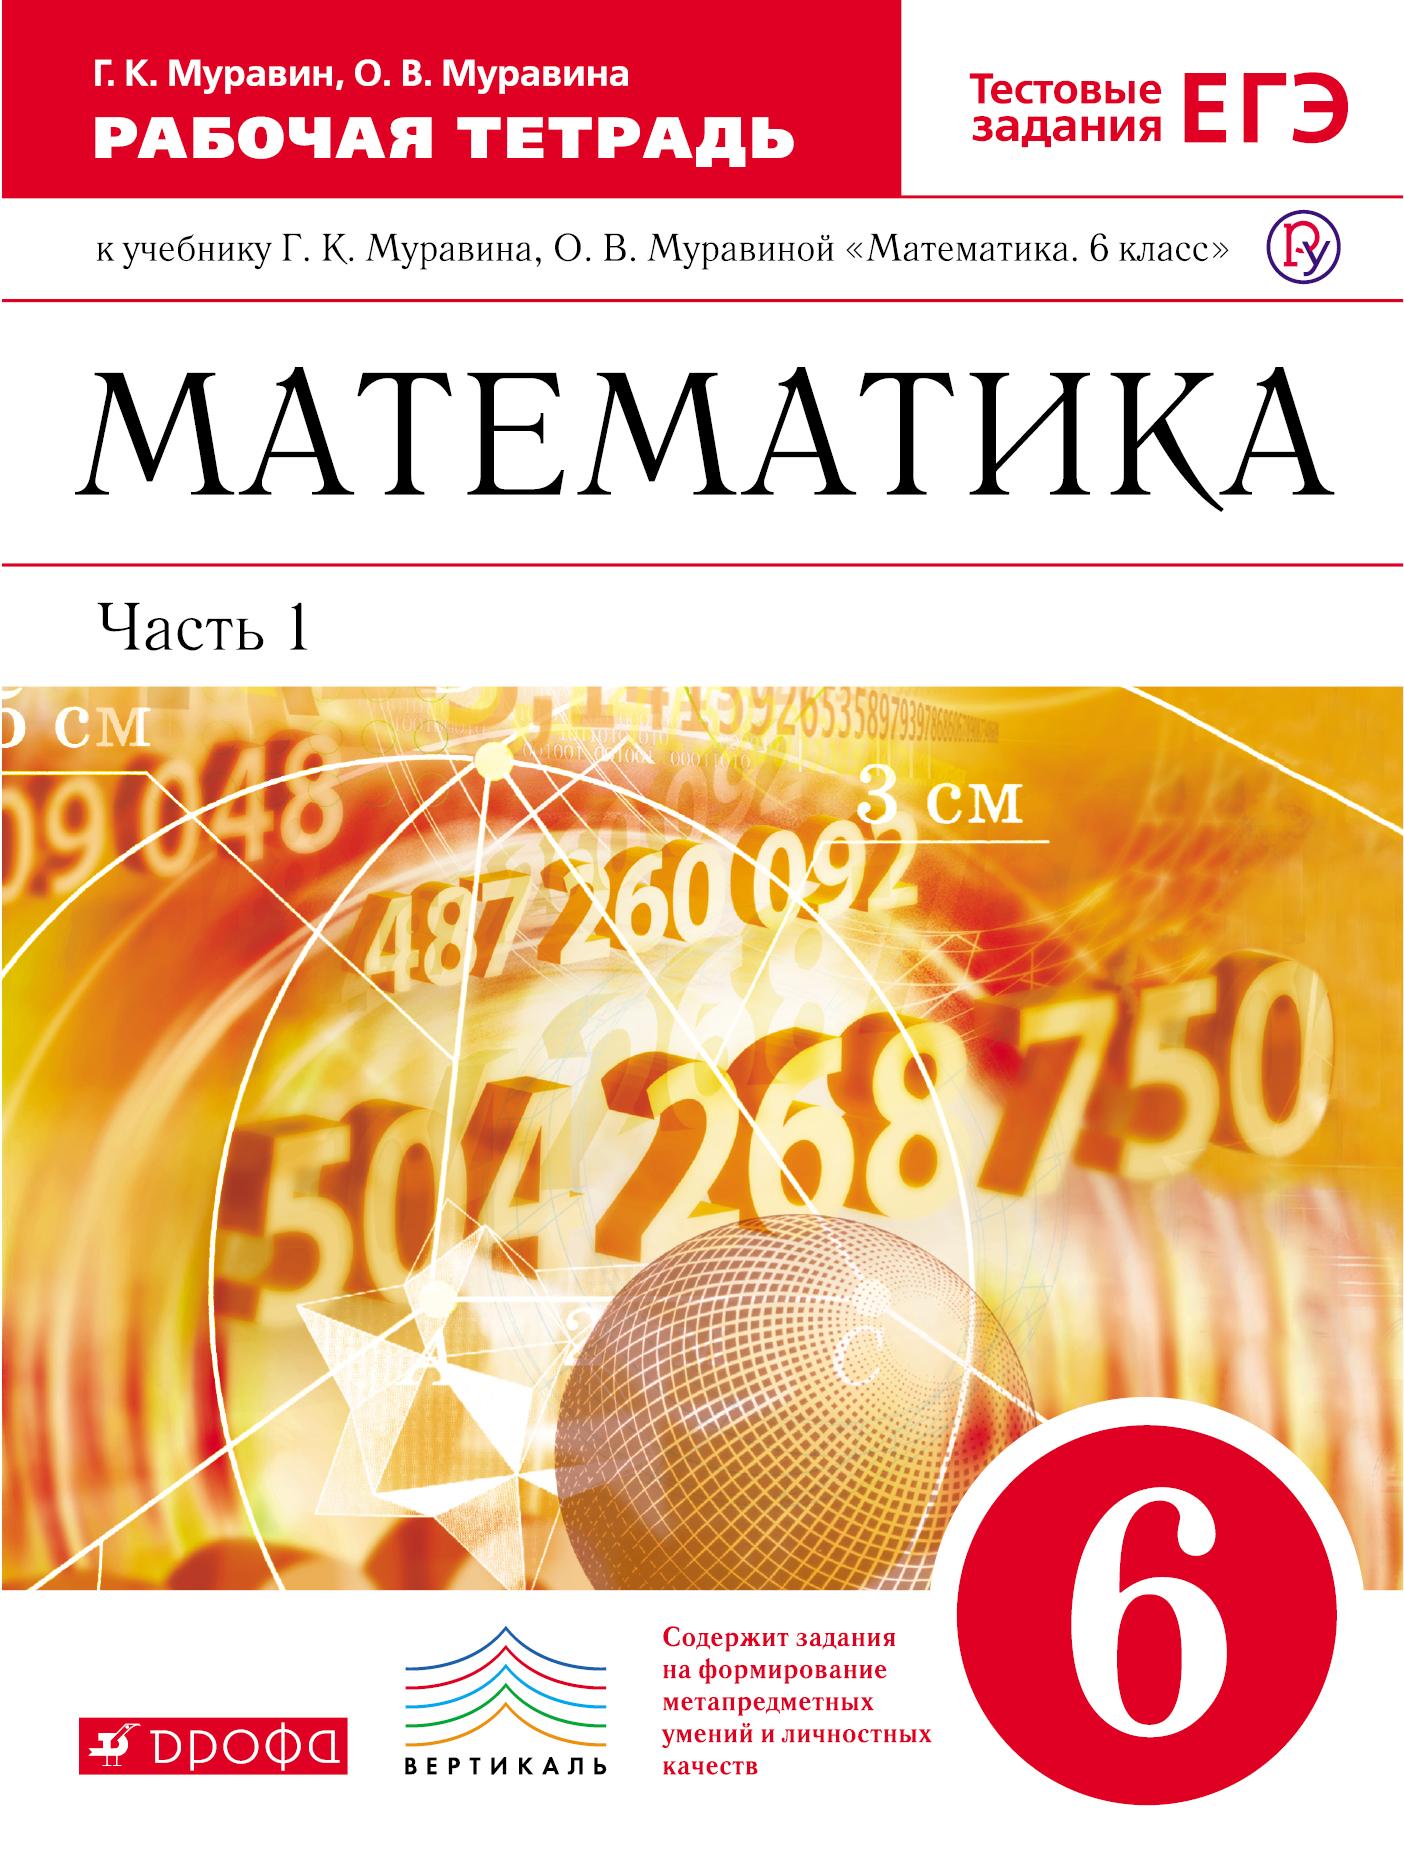 Математика. 6 класс. Рабочая тетрадь (с тестовыми заданиями ЕГЭ). Часть 1